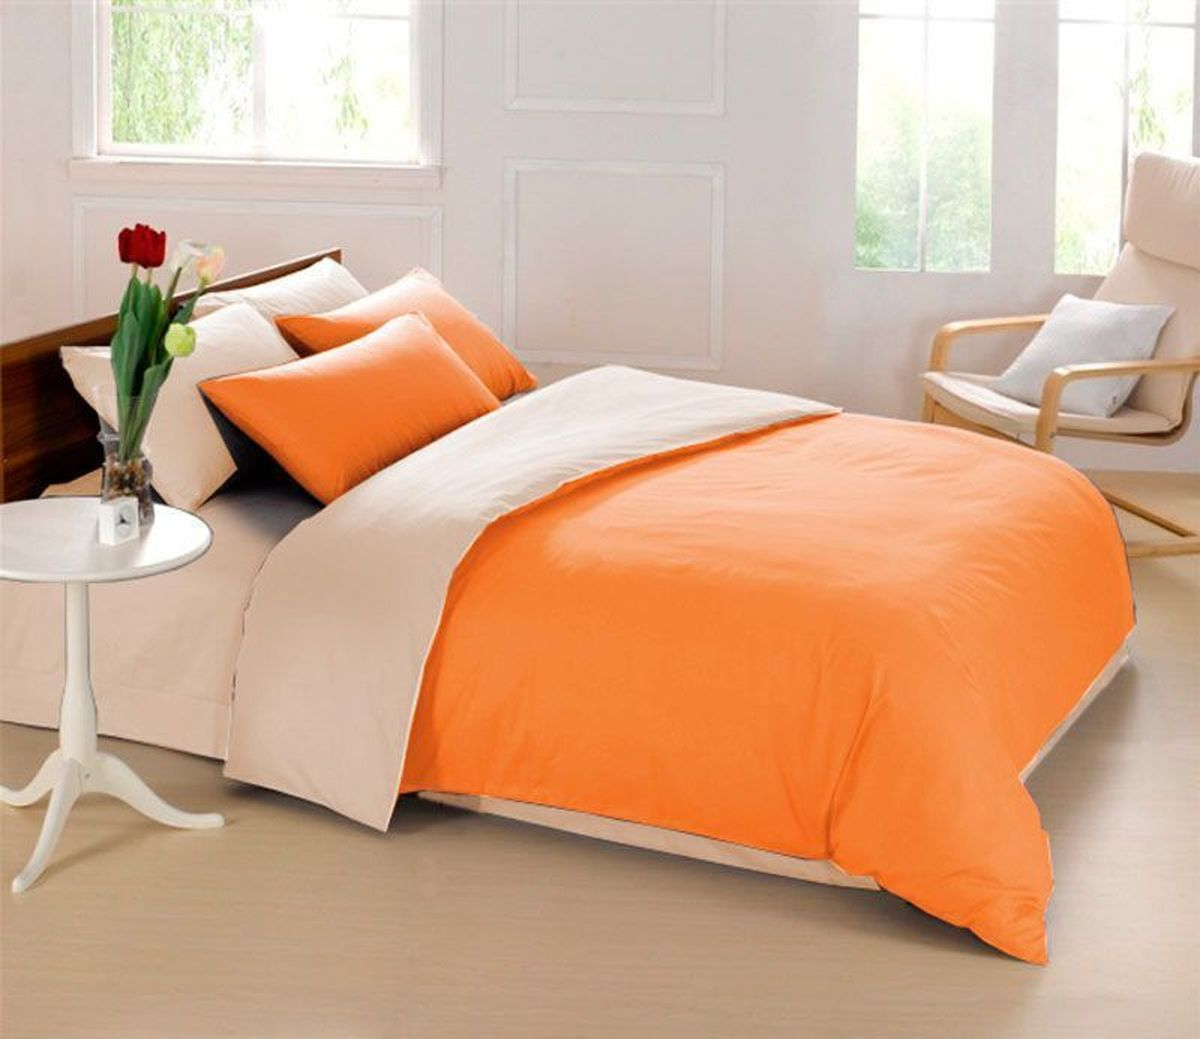 Комплект белья Sleep iX Perfection, семейный, наволочки 50х70, 70х70,цвет: оранжевый, бежевый4630003364517Комплект постельного белья Sleep iX Perfection состоит из двух пододеяльников, простыни и четырех наволочек. Предметы комплекта выполнены из абсолютно гипоаллергенной микрофибры, неприхотливой в уходе.Благодаря такому комплекту постельного белья вы сможете создать атмосферу уюта и комфорта в вашей спальне.Известно, что цвет напрямую воздействует на психологическое и физическое состояние человека. Оранжевый – вызывает ощущение теплоты, бодрости, веселья, создает хорошее настроение. Оранжевый омолаживает, возбуждает аппетит, способствует оптимистическому настрою и гармонии с окружающей средой.Бежевый – обладает внутренней теплотой, заряжает положительной энергетикой и способствует формированию душевной гармонии. Человек ощущает себя в окружении бежевого цвета очень спокойно.